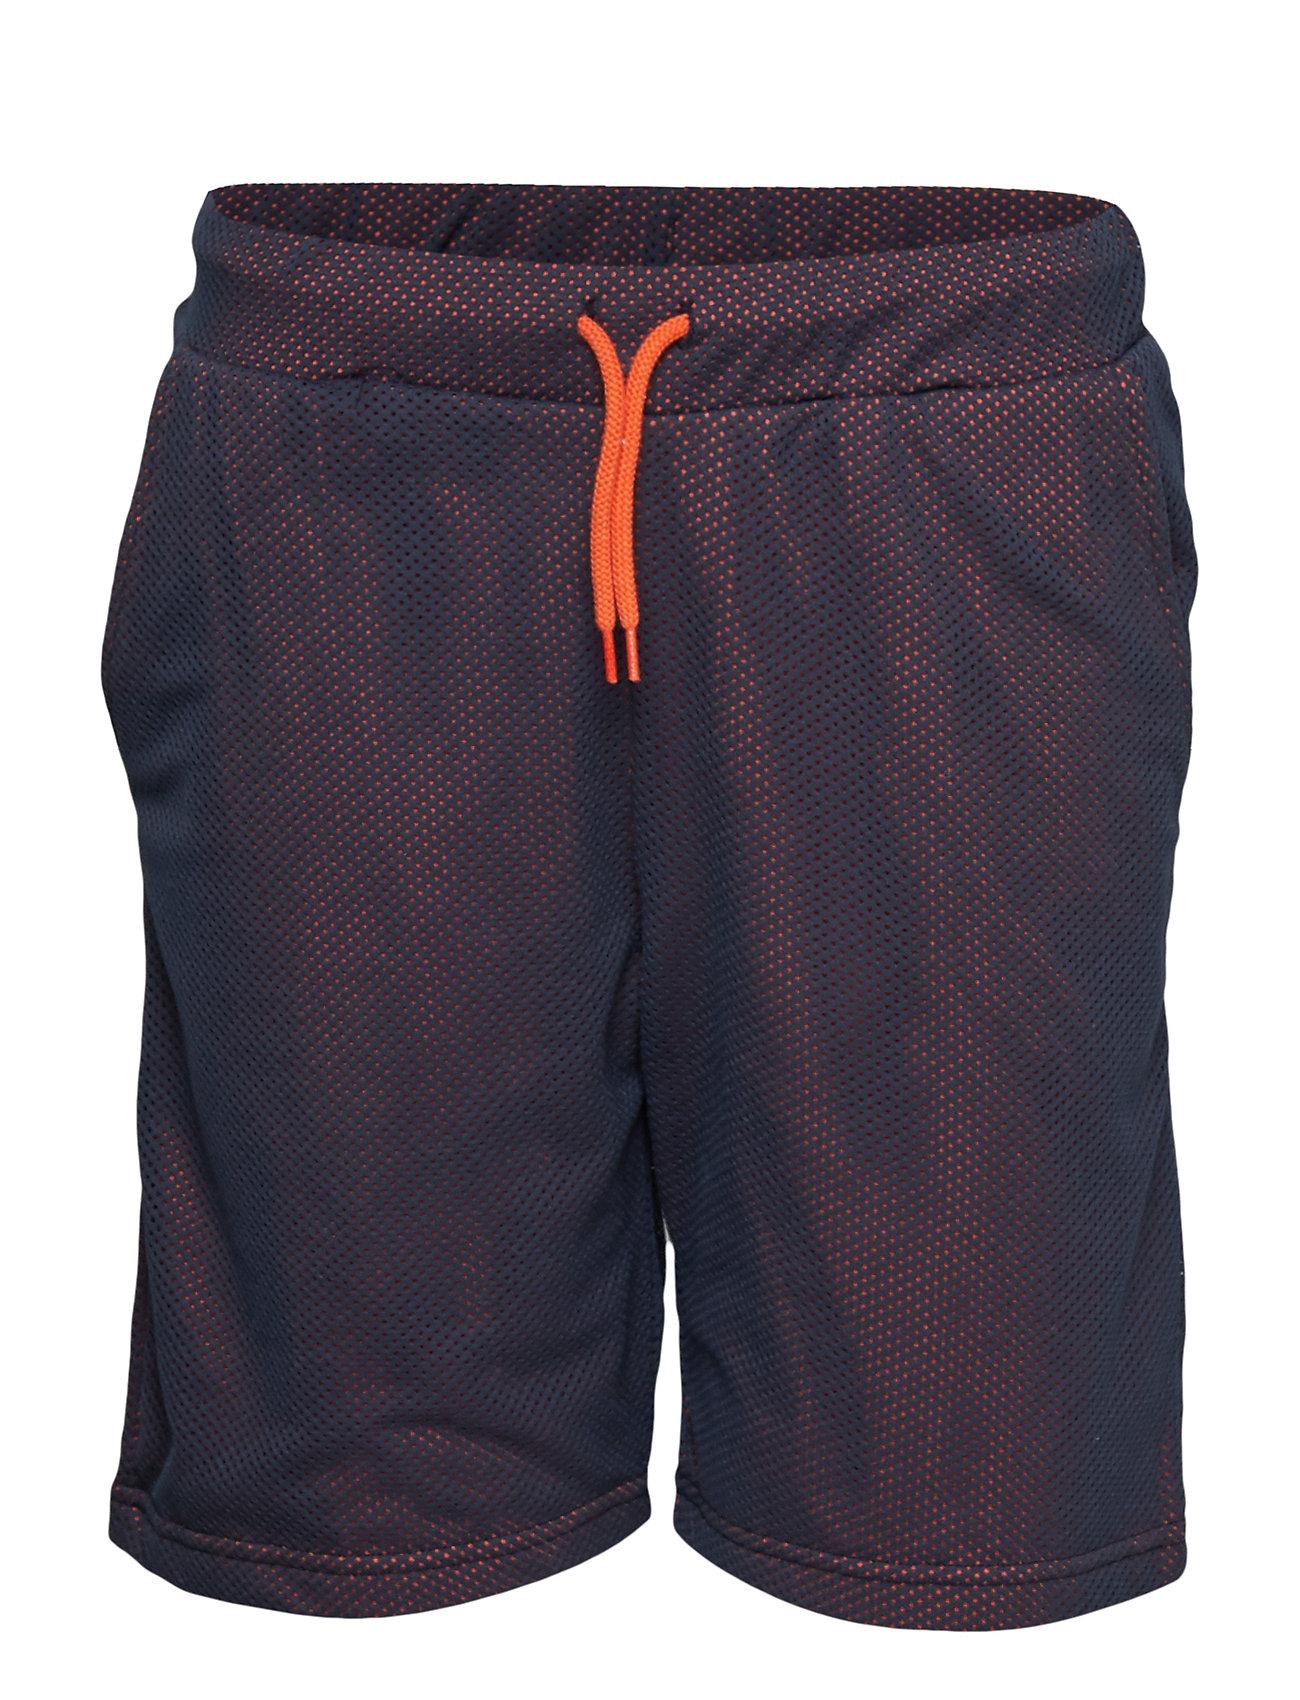 Lewis Shorts - Unauthorized